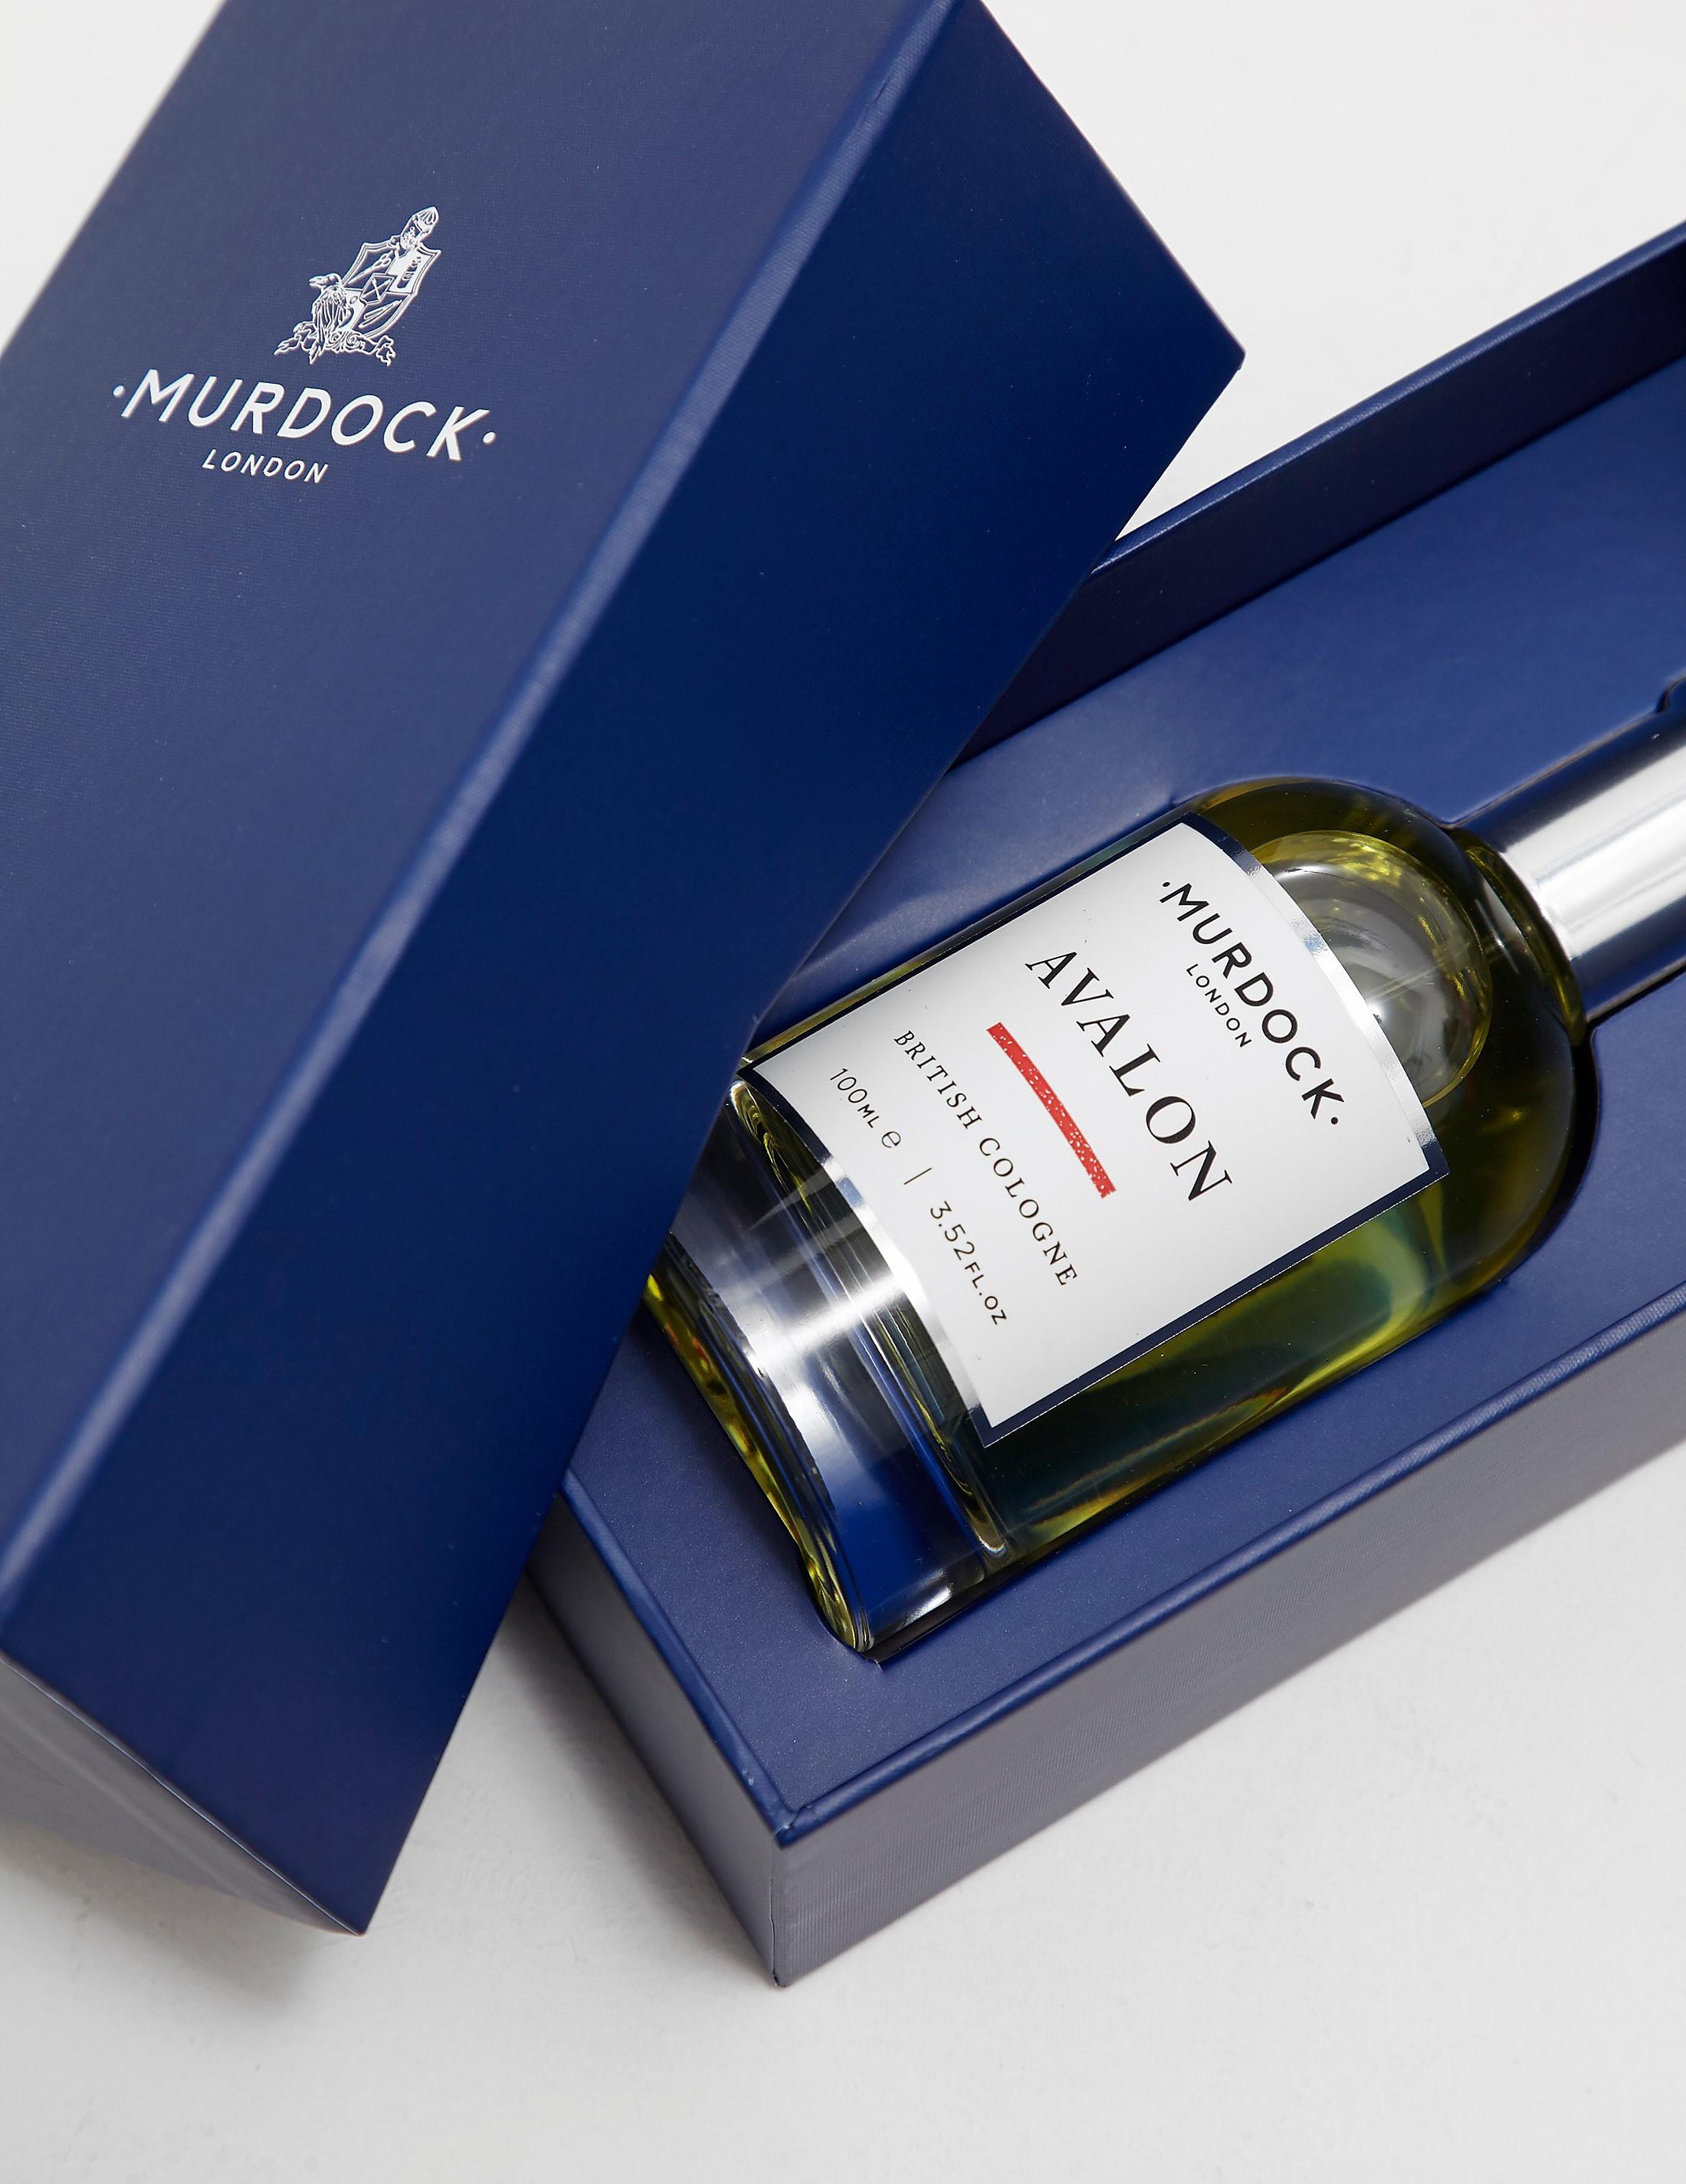 Murdock London Avalon Fragrance